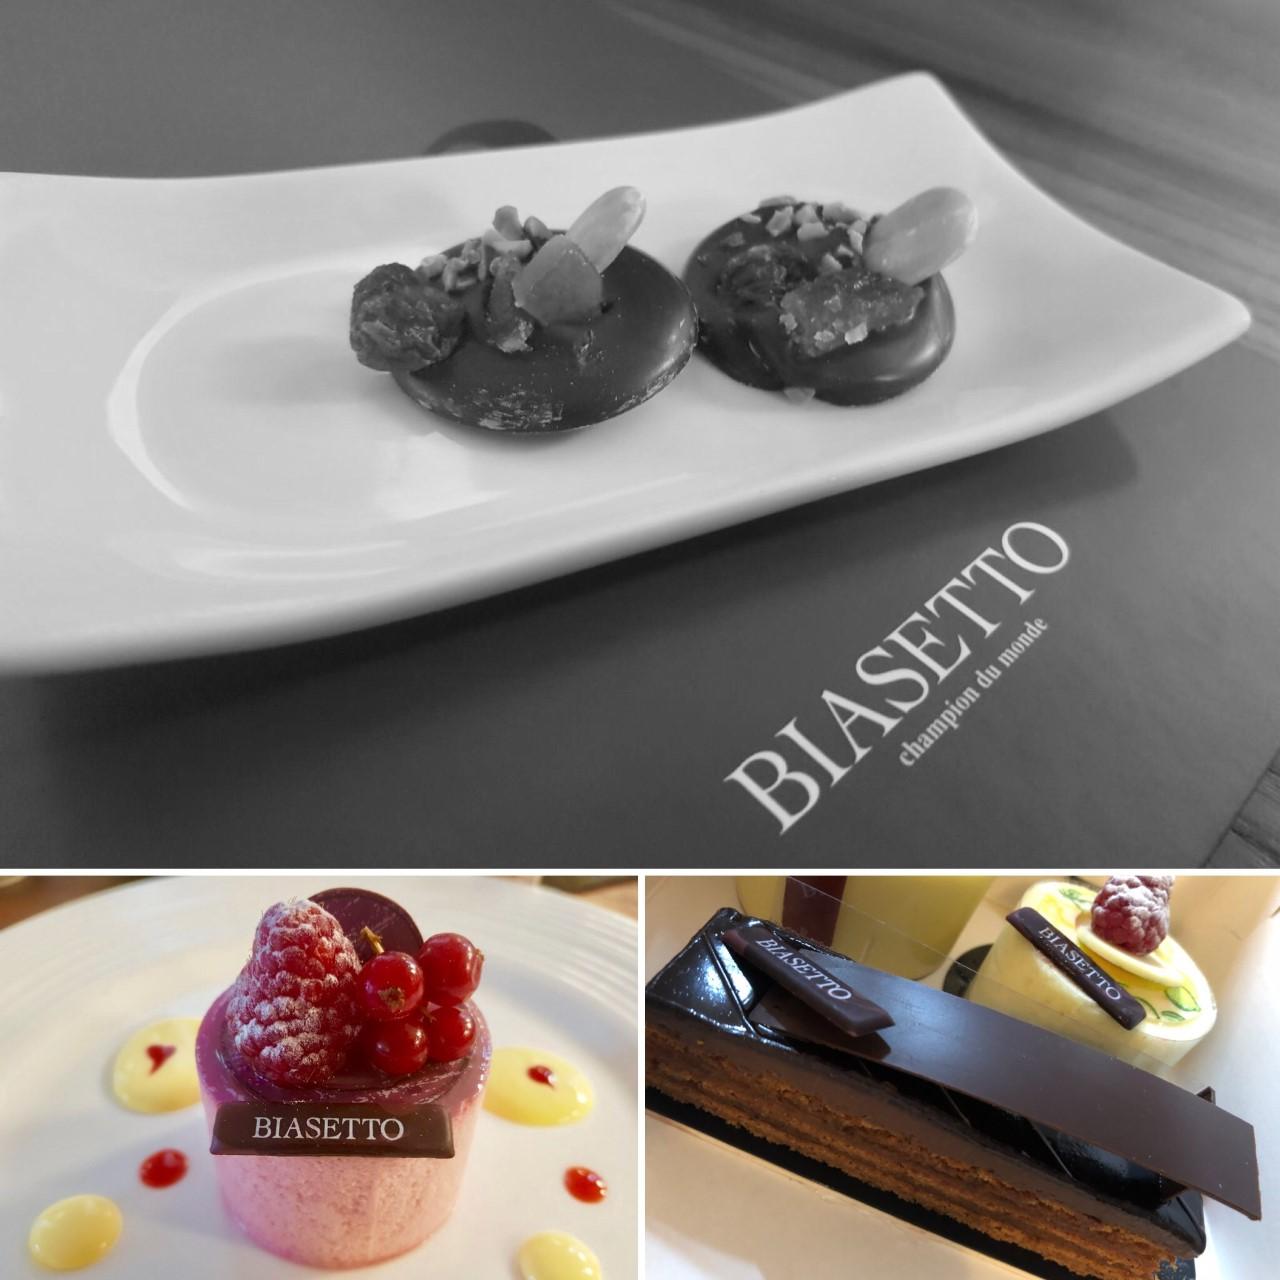 Pasticceria Biasetto Luigi Biasetto